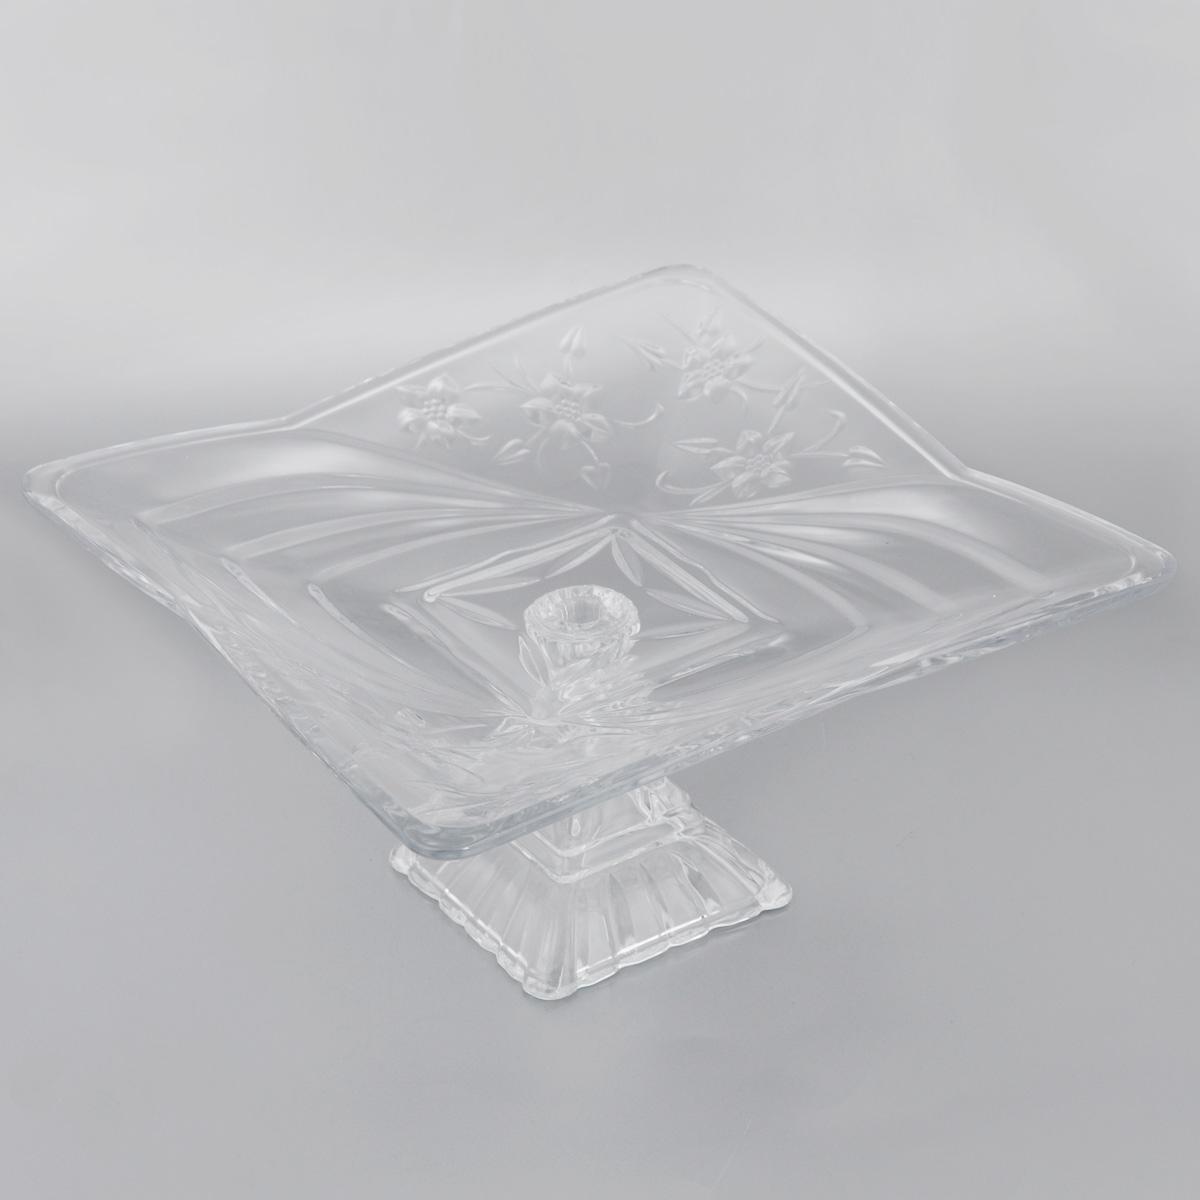 Конфетница на ножке Soga Клематис, 29 х 29 смZ2966WЭлегантная конфетница Soga Клематис на ножке, изготовленная из прочного стекла, имеет многогранную рельефную поверхность. Конфетница предназначена для красивой сервировки сладостей. Изделие придется по вкусу и ценителям классики, и тем, кто предпочитает утонченность и изящность. Конфетница Soga Клематис украсит сервировку вашего стола и подчеркнет прекрасный вкус хозяина, а также станет отличным подарком.Можно мыть в посудомоечной машине.Размер по верхнему краю: 29 х 29 см.Высота: 15 см.